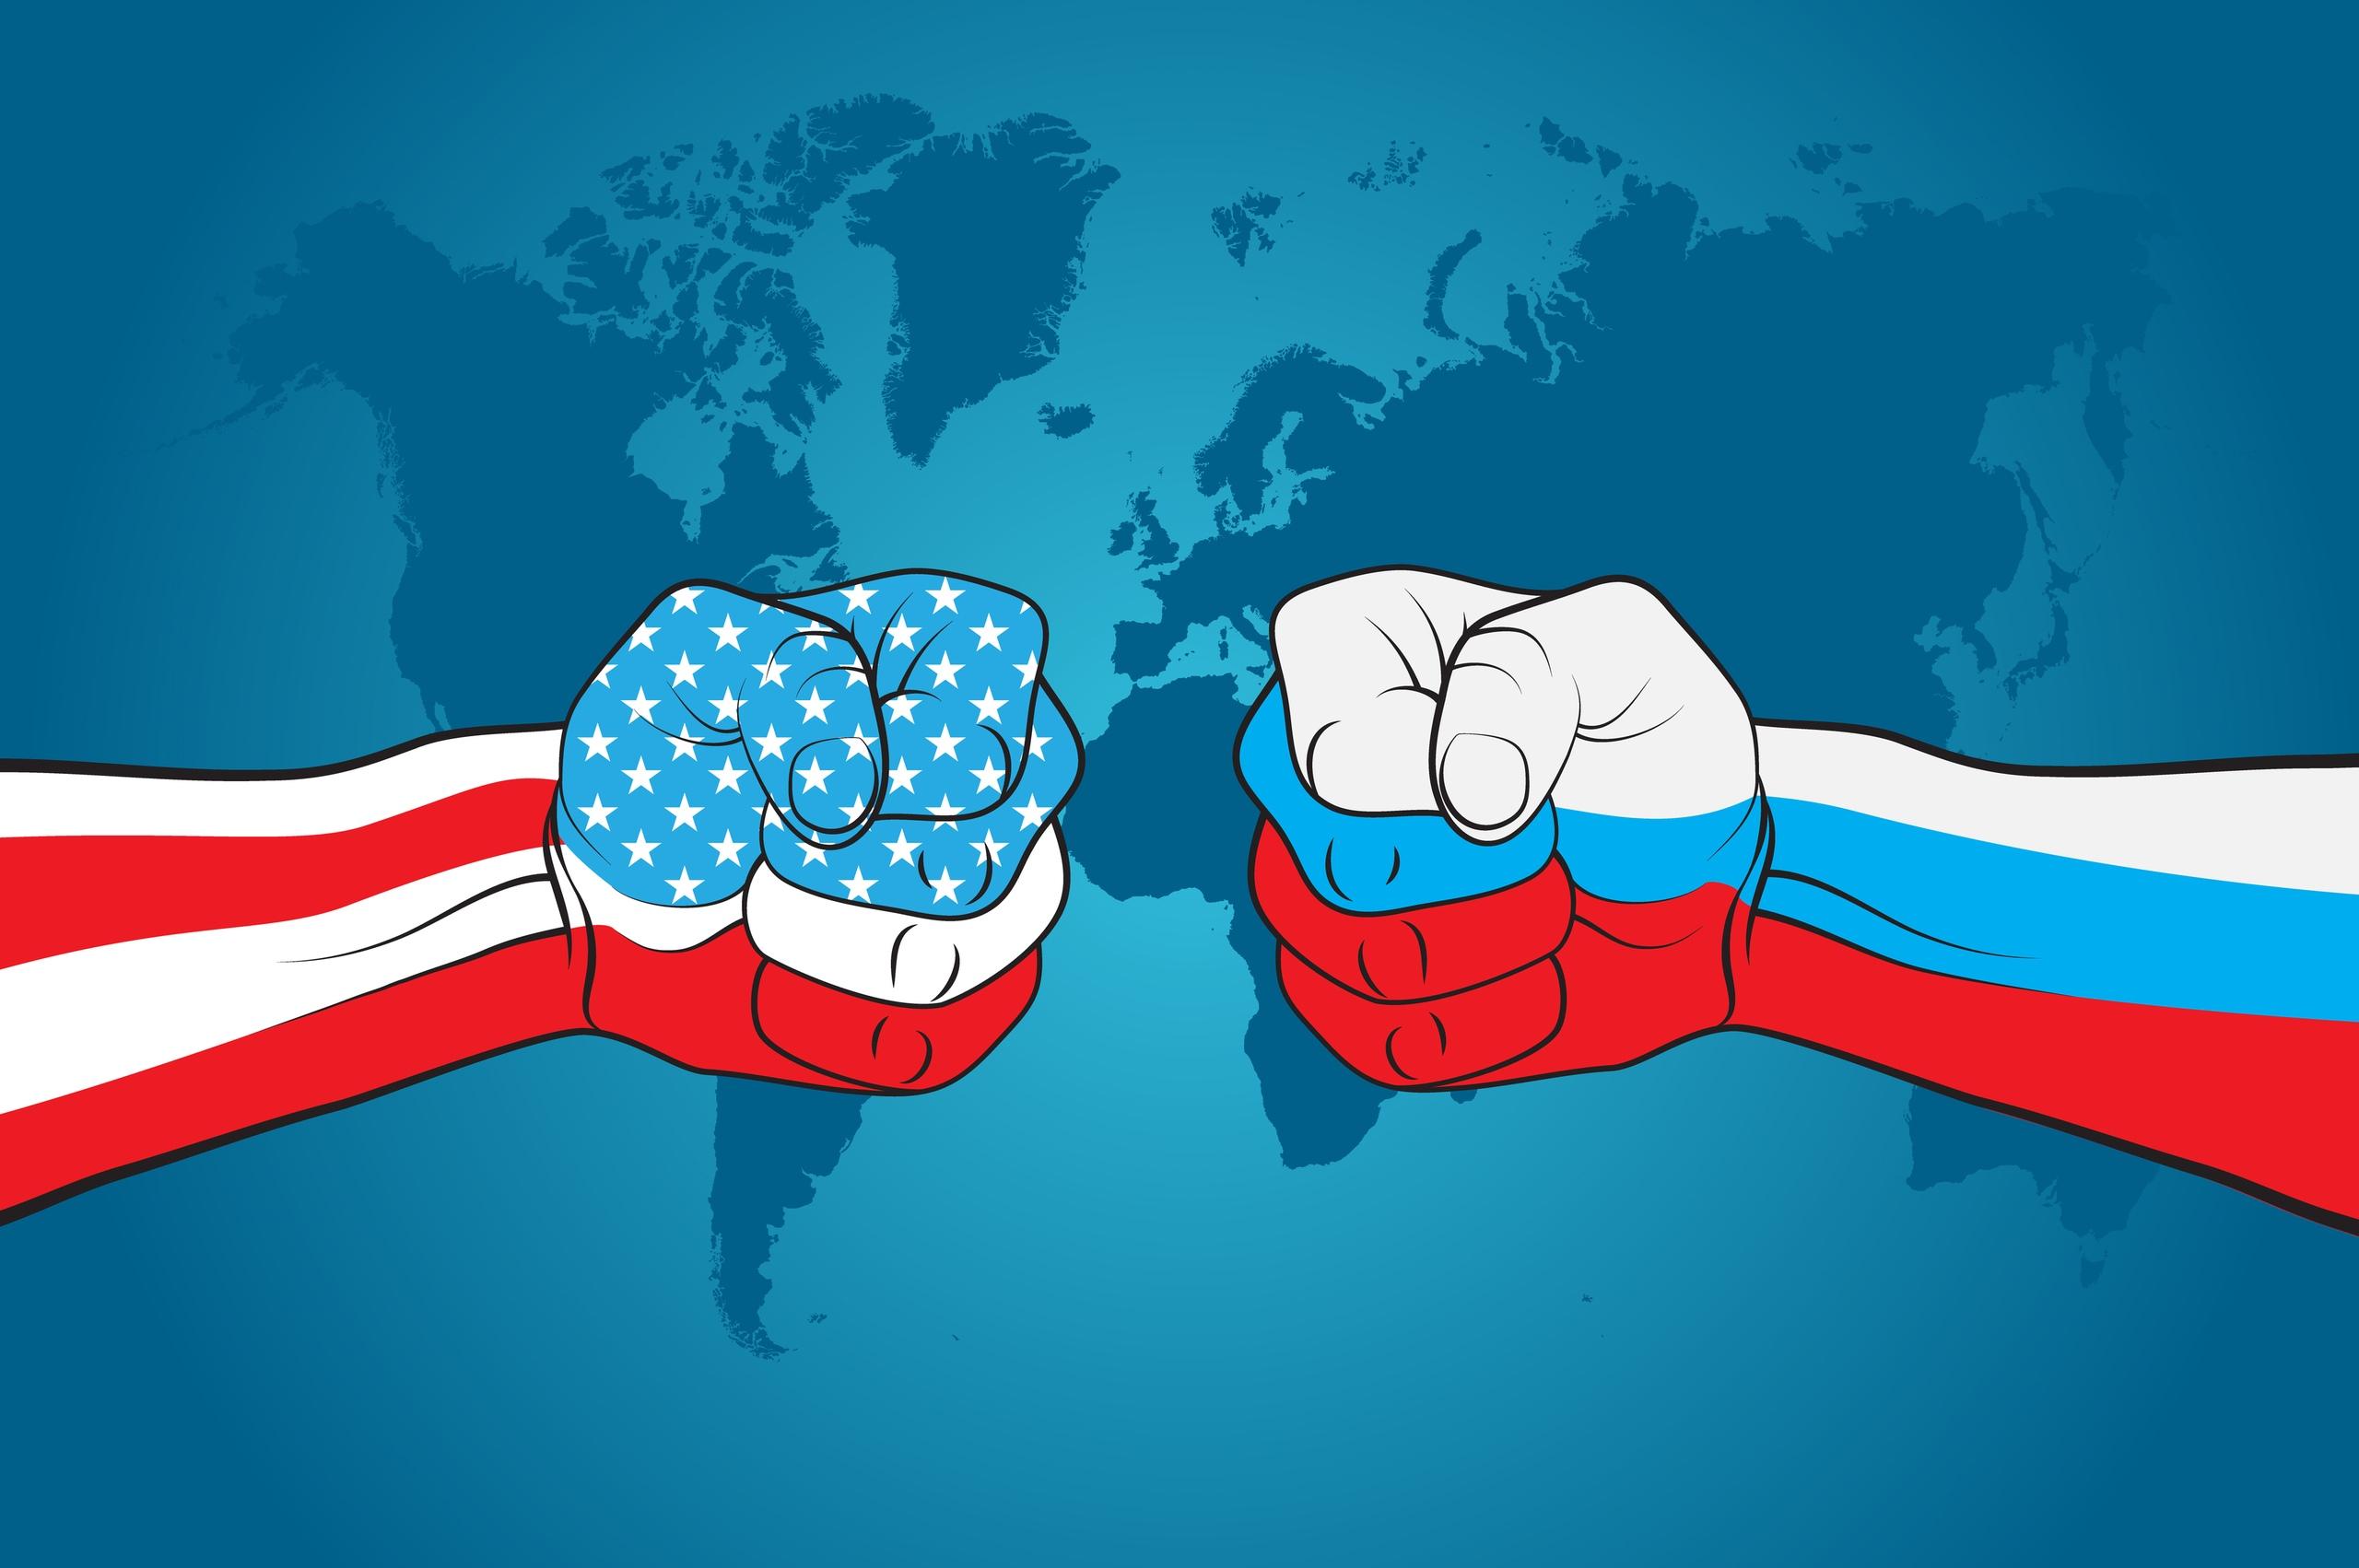 В России гарантируют уничтожить США